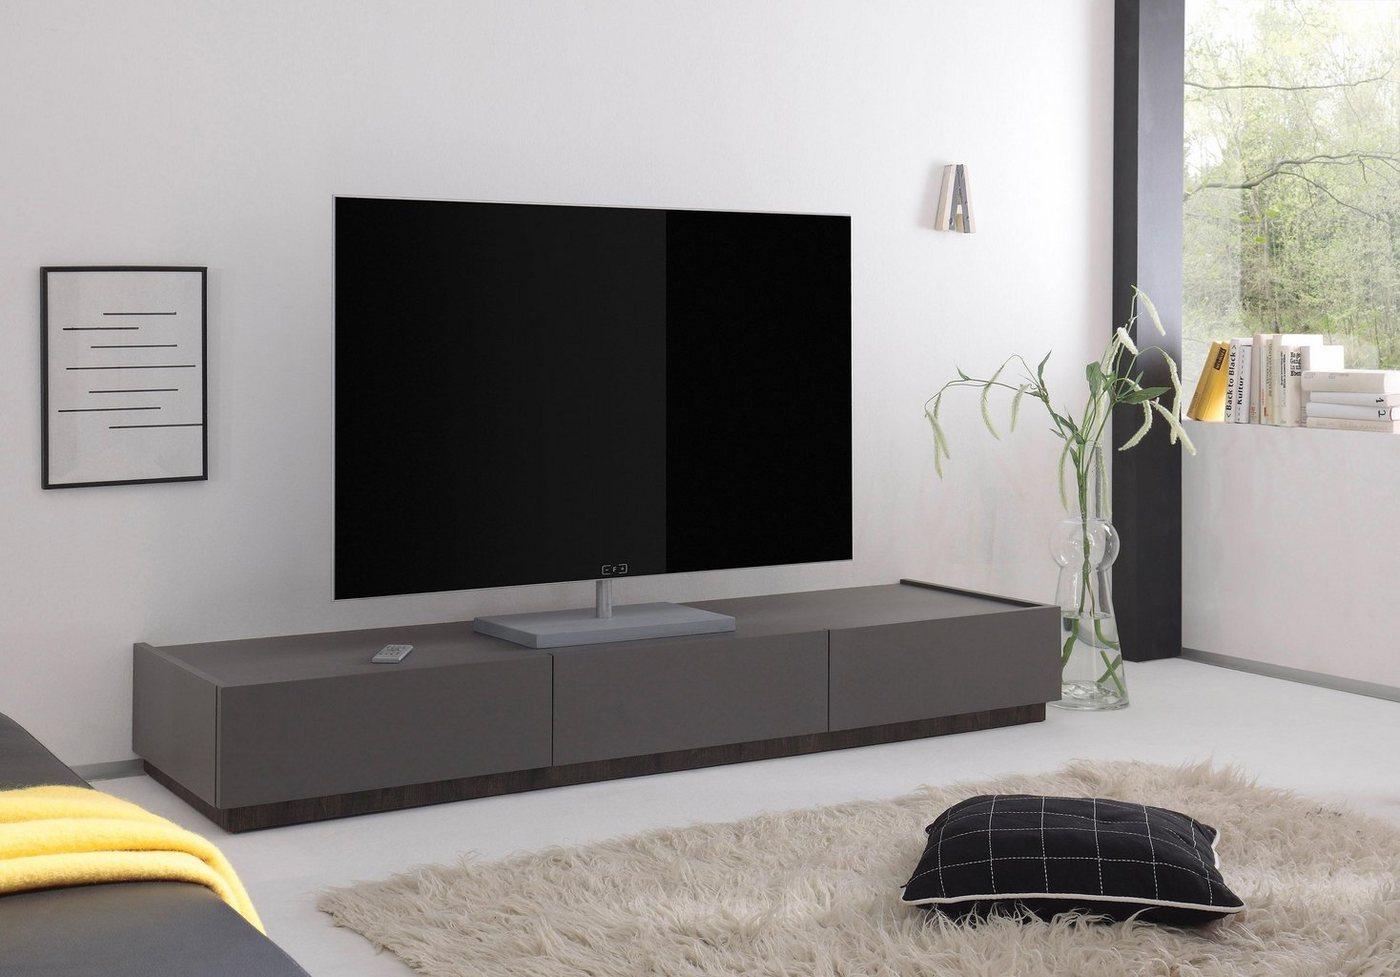 TV-meubel Zela met 3 laden, breedte 184 cm